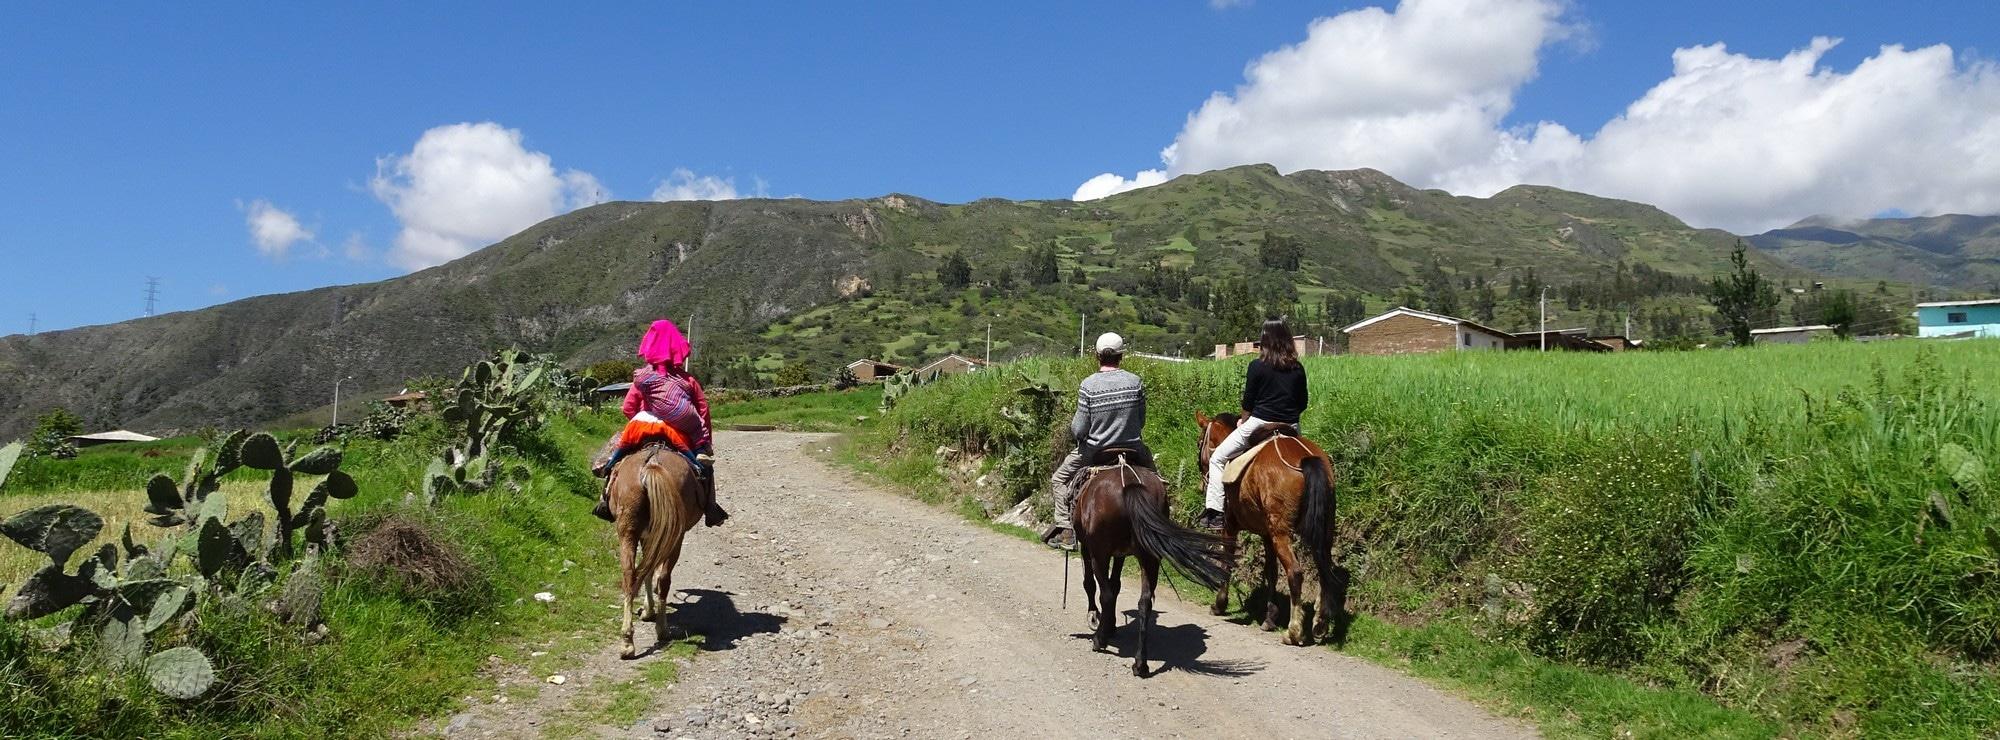 Balade à cheval près de Huaraz avec vue sur la Cordillère Blanche